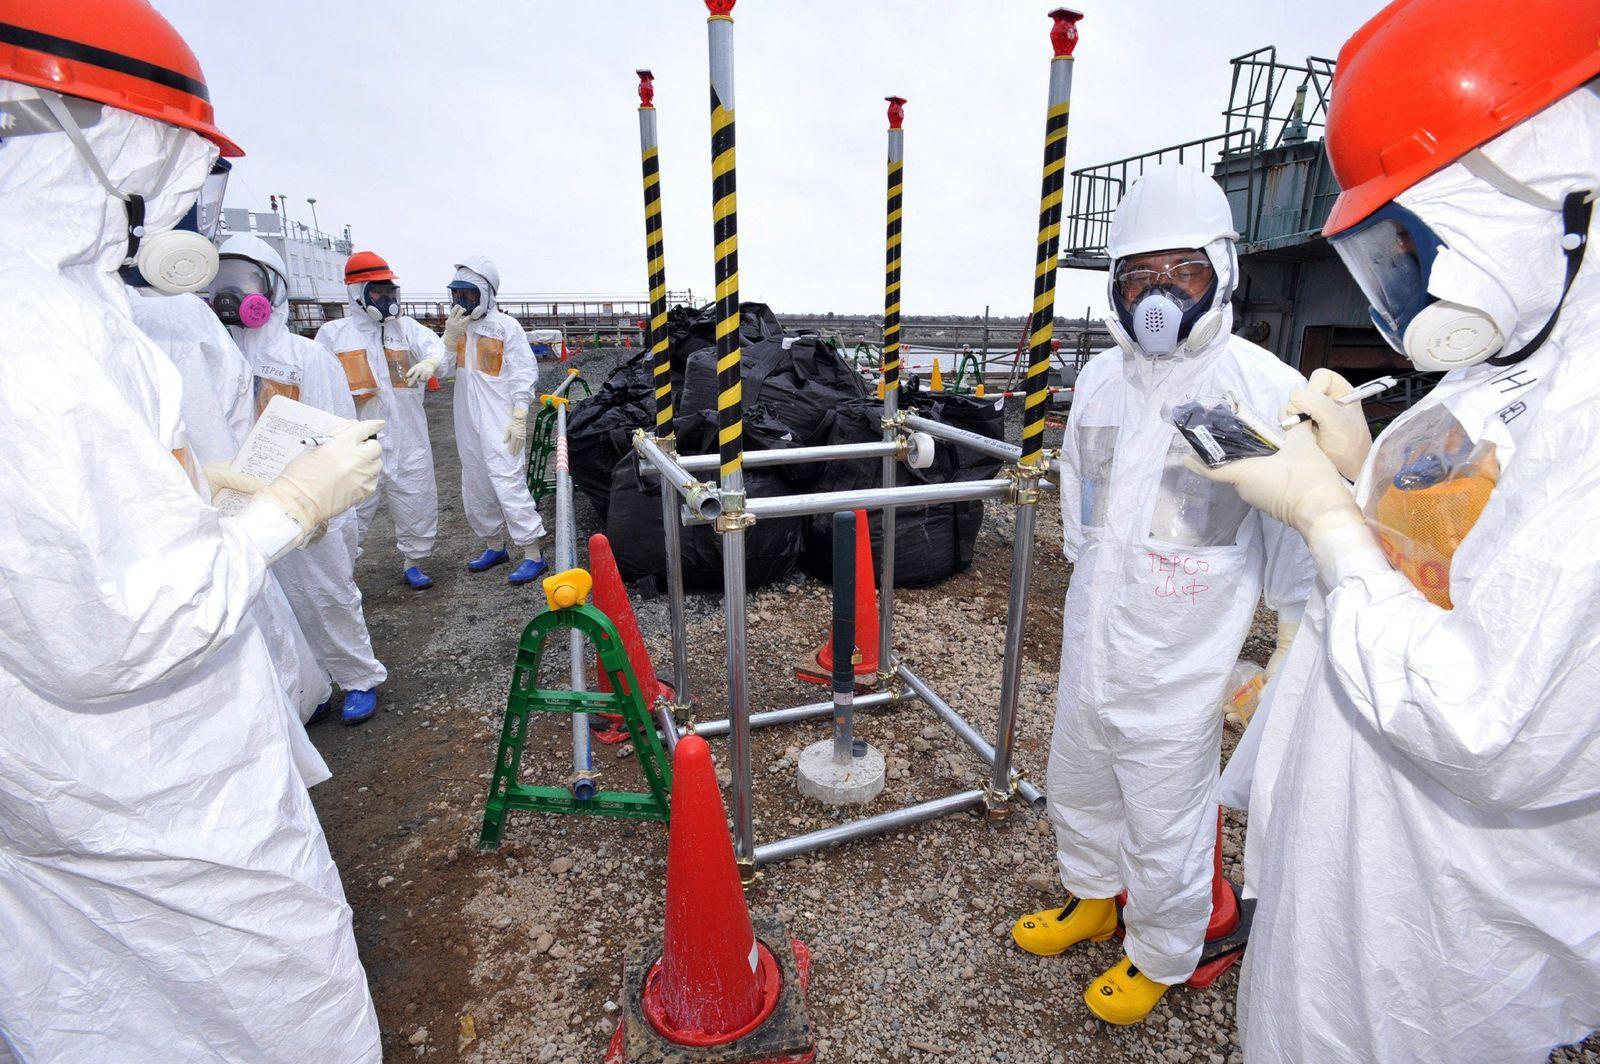 Fukushima / Japan